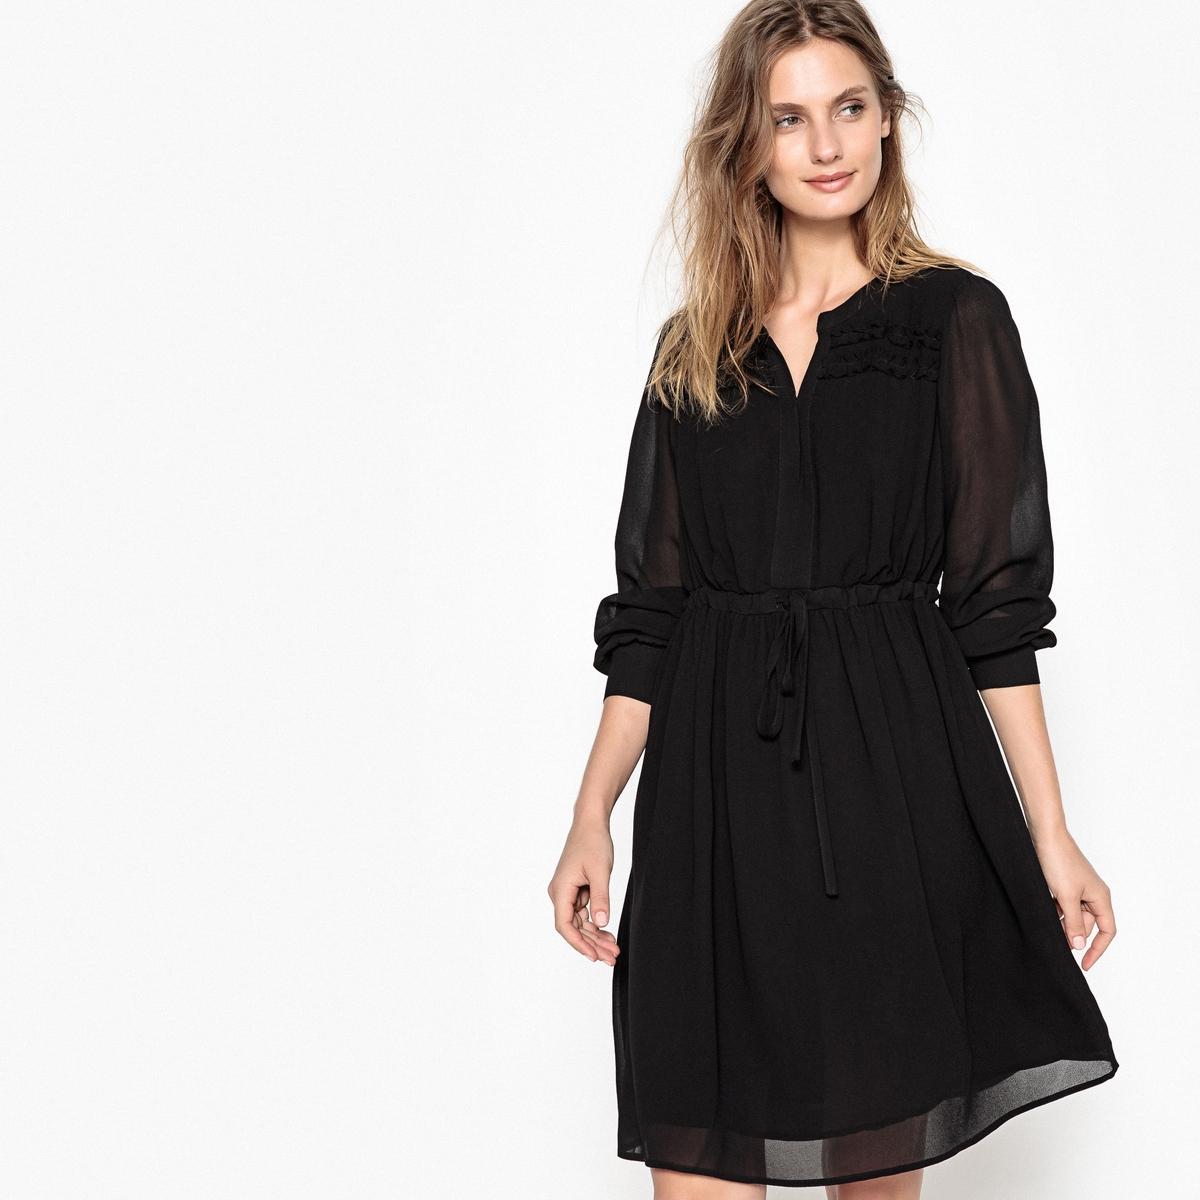 Платье однотонное расклешенного покроя, длина миди, 3/4Детали •  Форма : расклешенная •  Длина миди, 3/4 •  Длинные рукава    •  Круглый вырез с разрезомСостав и уход •  100% вискоза •  Следуйте советам по уходу, указанным на этикетке<br><br>Цвет: черный<br>Размер: S